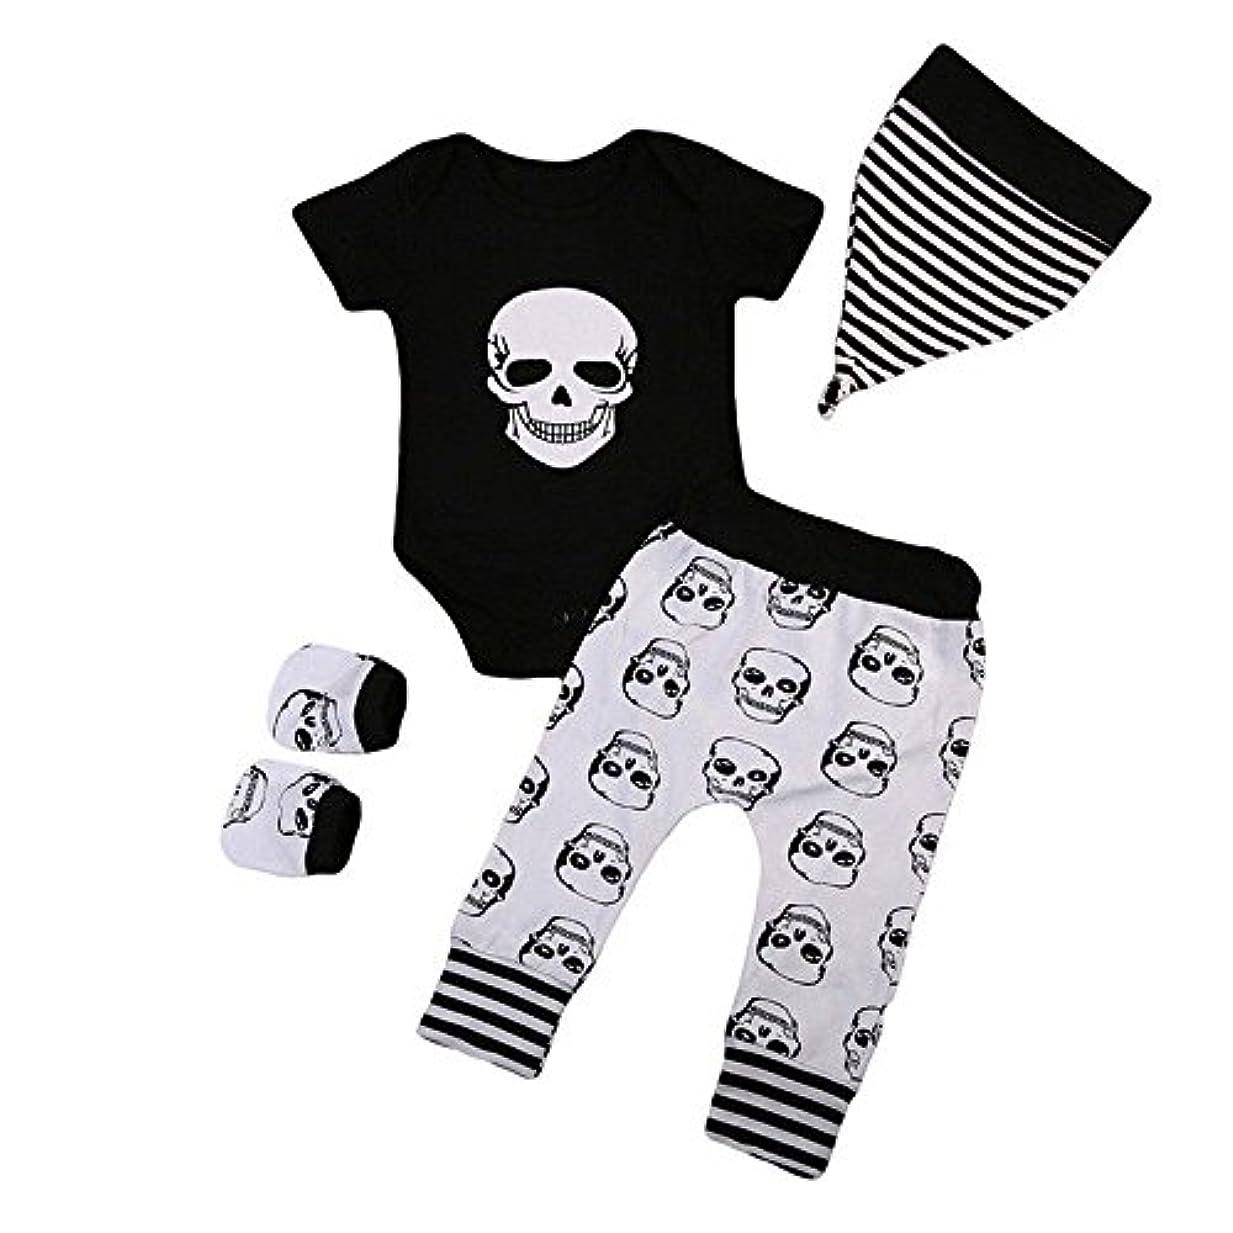 ひそかに密ホラーBHKK 子供 幼児少年少女ハロウィンボーンプリントロンパー+パンツ+帽子+手袋 6ヶ月 - 24ヶ月 6ヶ月